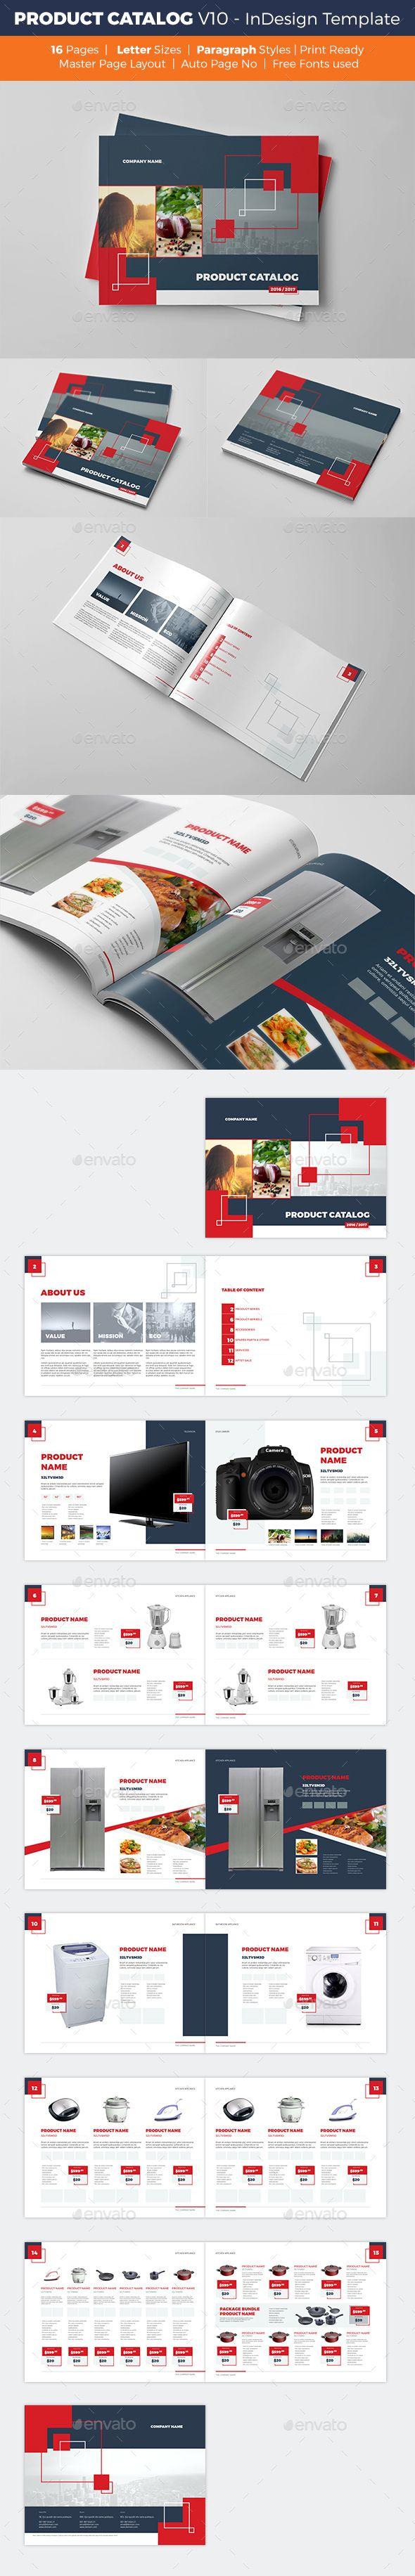 Product Catalog Template - V10 | Diseño de catálogos y Catálogo